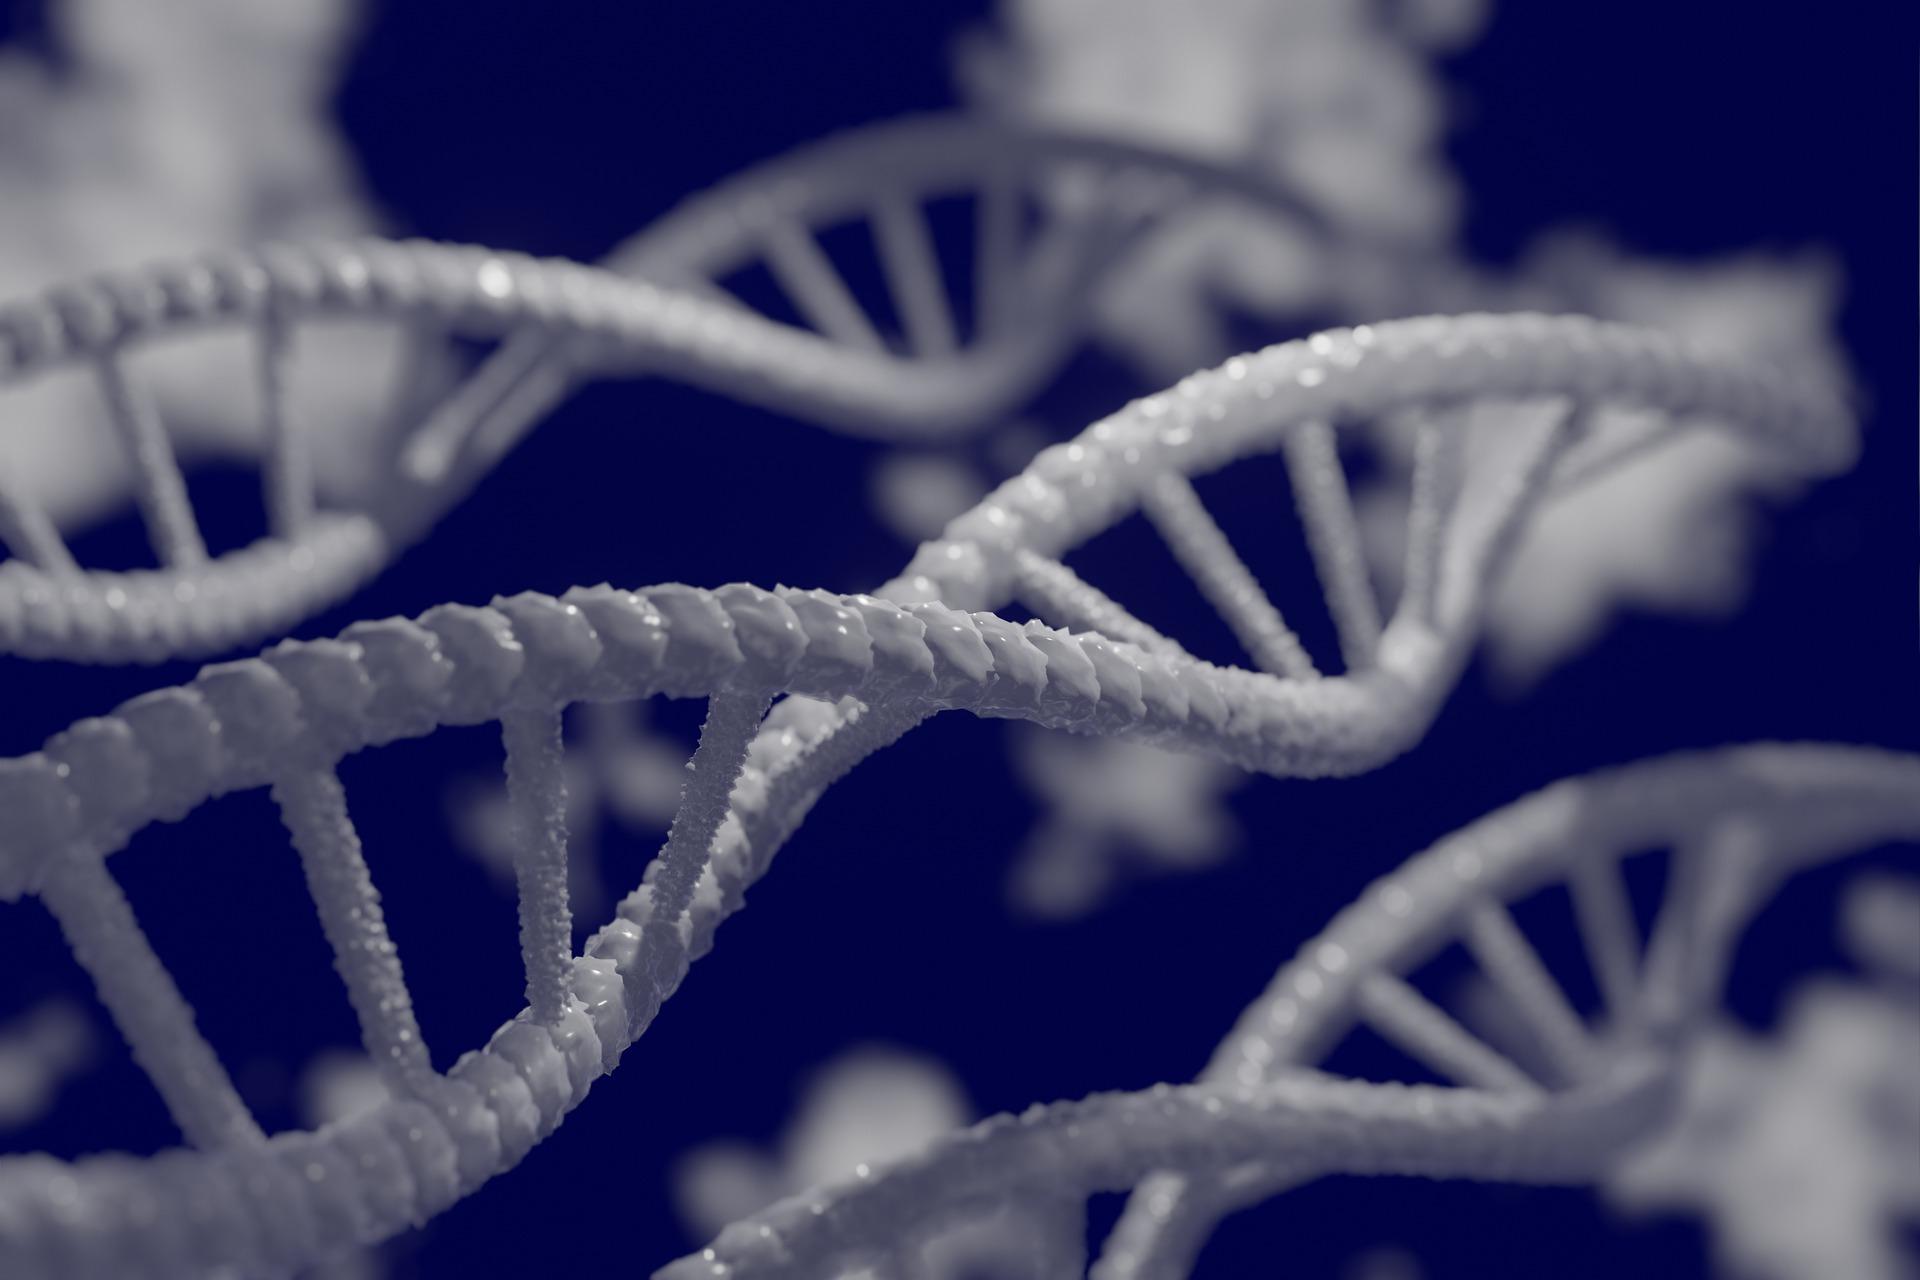 Illustrationen weisser DNA-Stränge vor dunkelblauem Hintergrund.